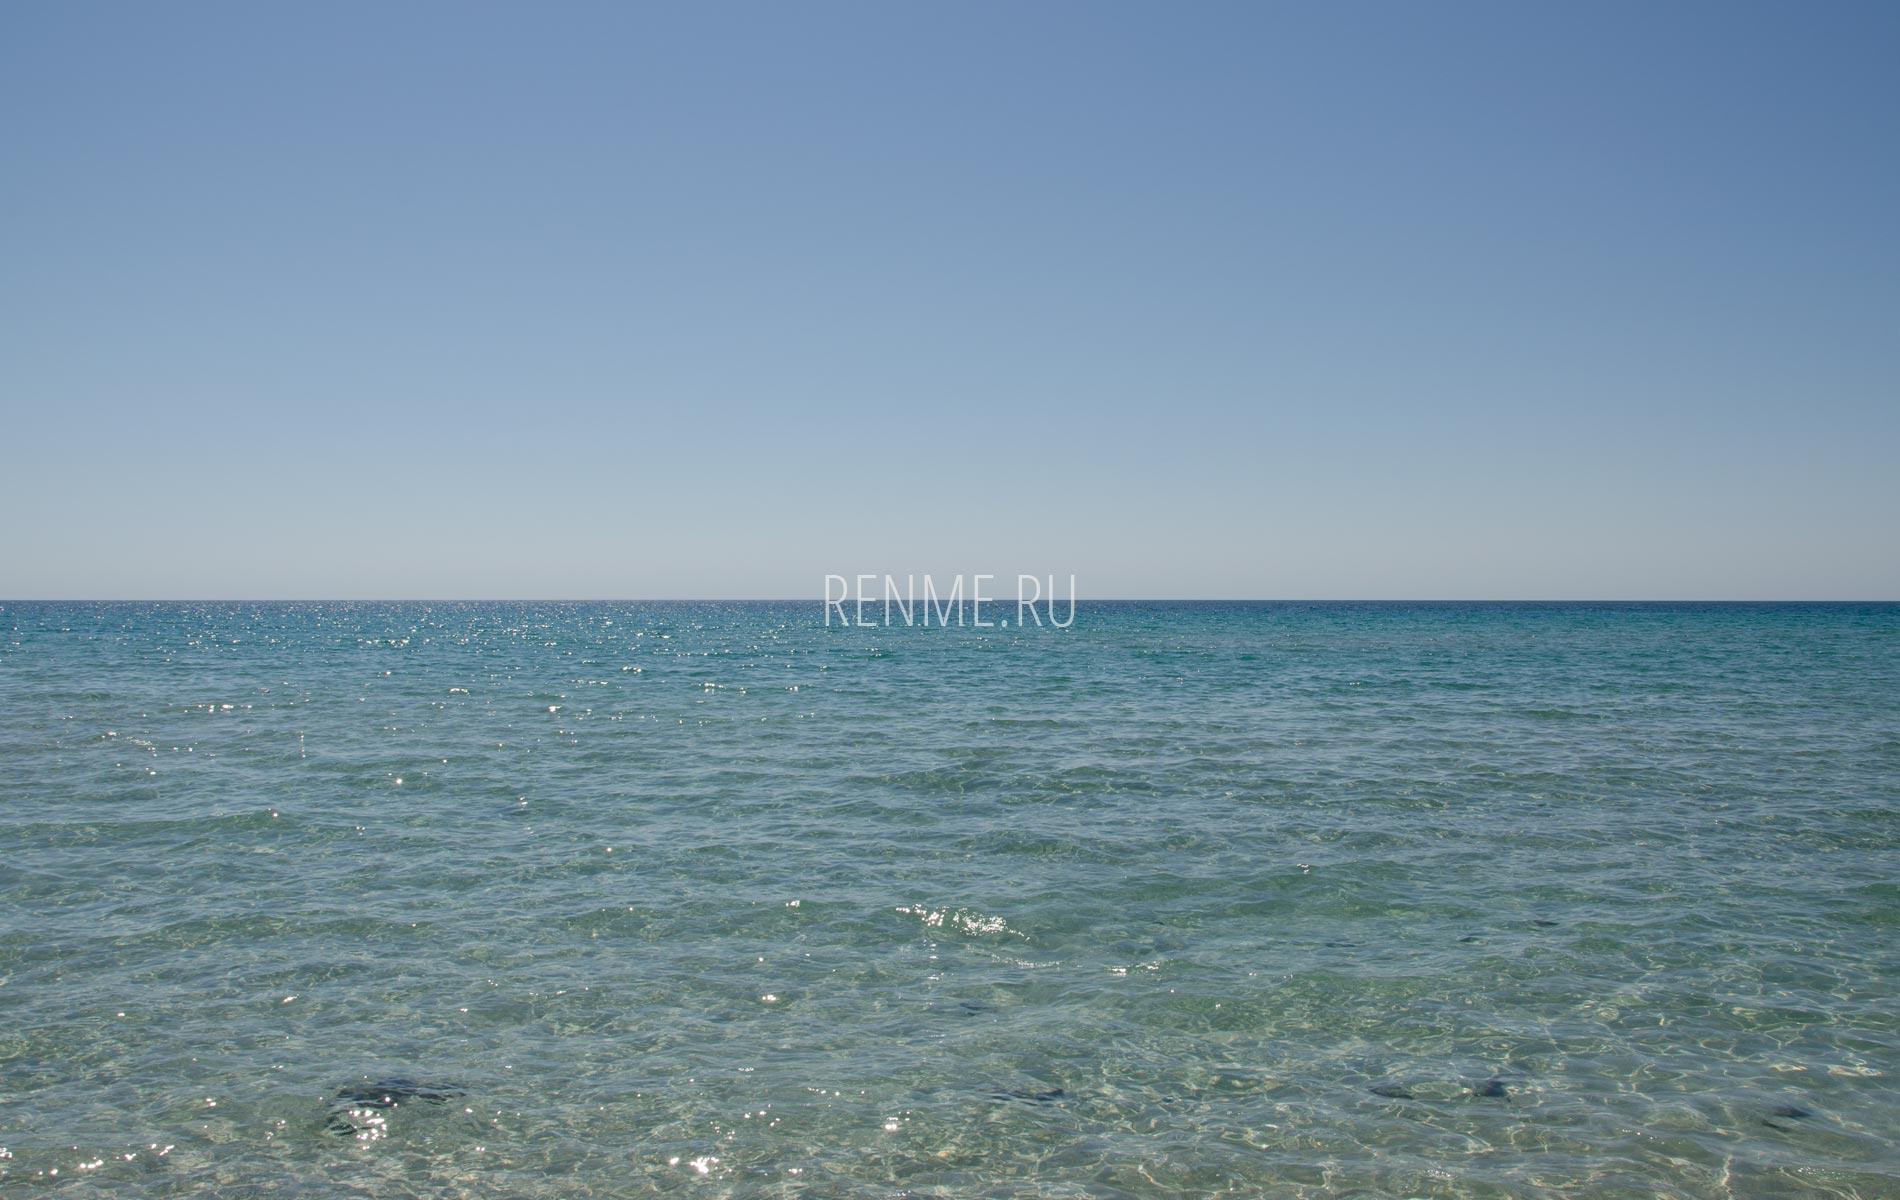 Июньское море в Оленевке. Фото Оленевки